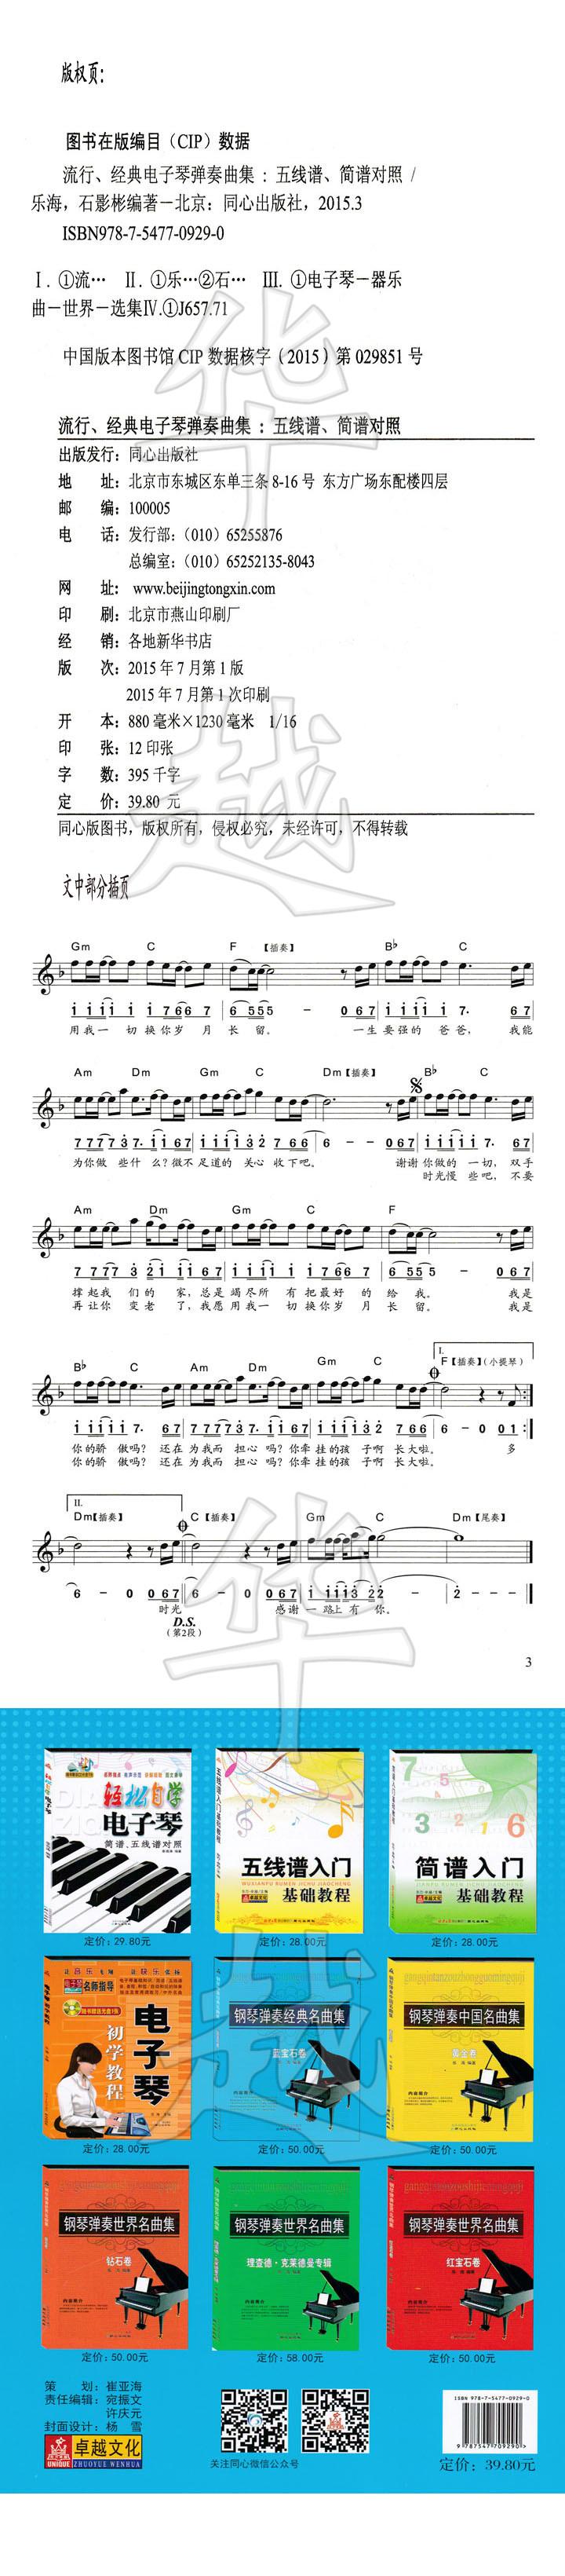 经典电子琴弹奏曲集图片